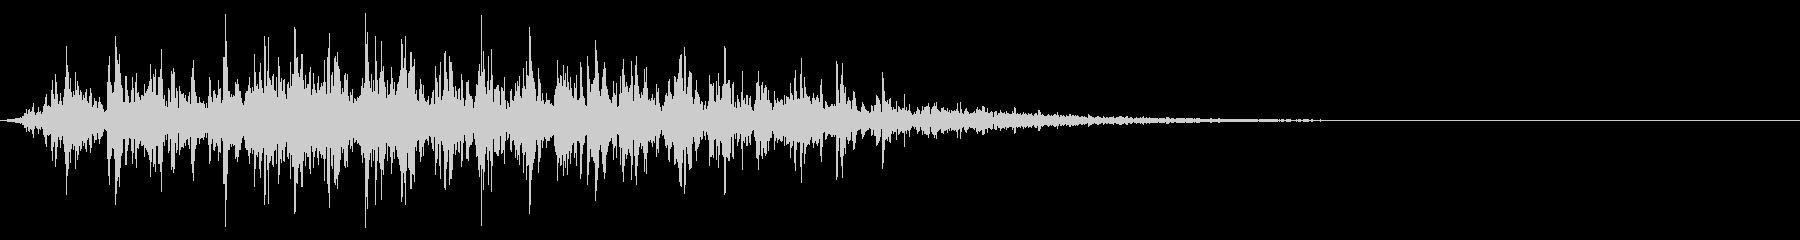 シャラシャラ(広がる鈴の音)の未再生の波形